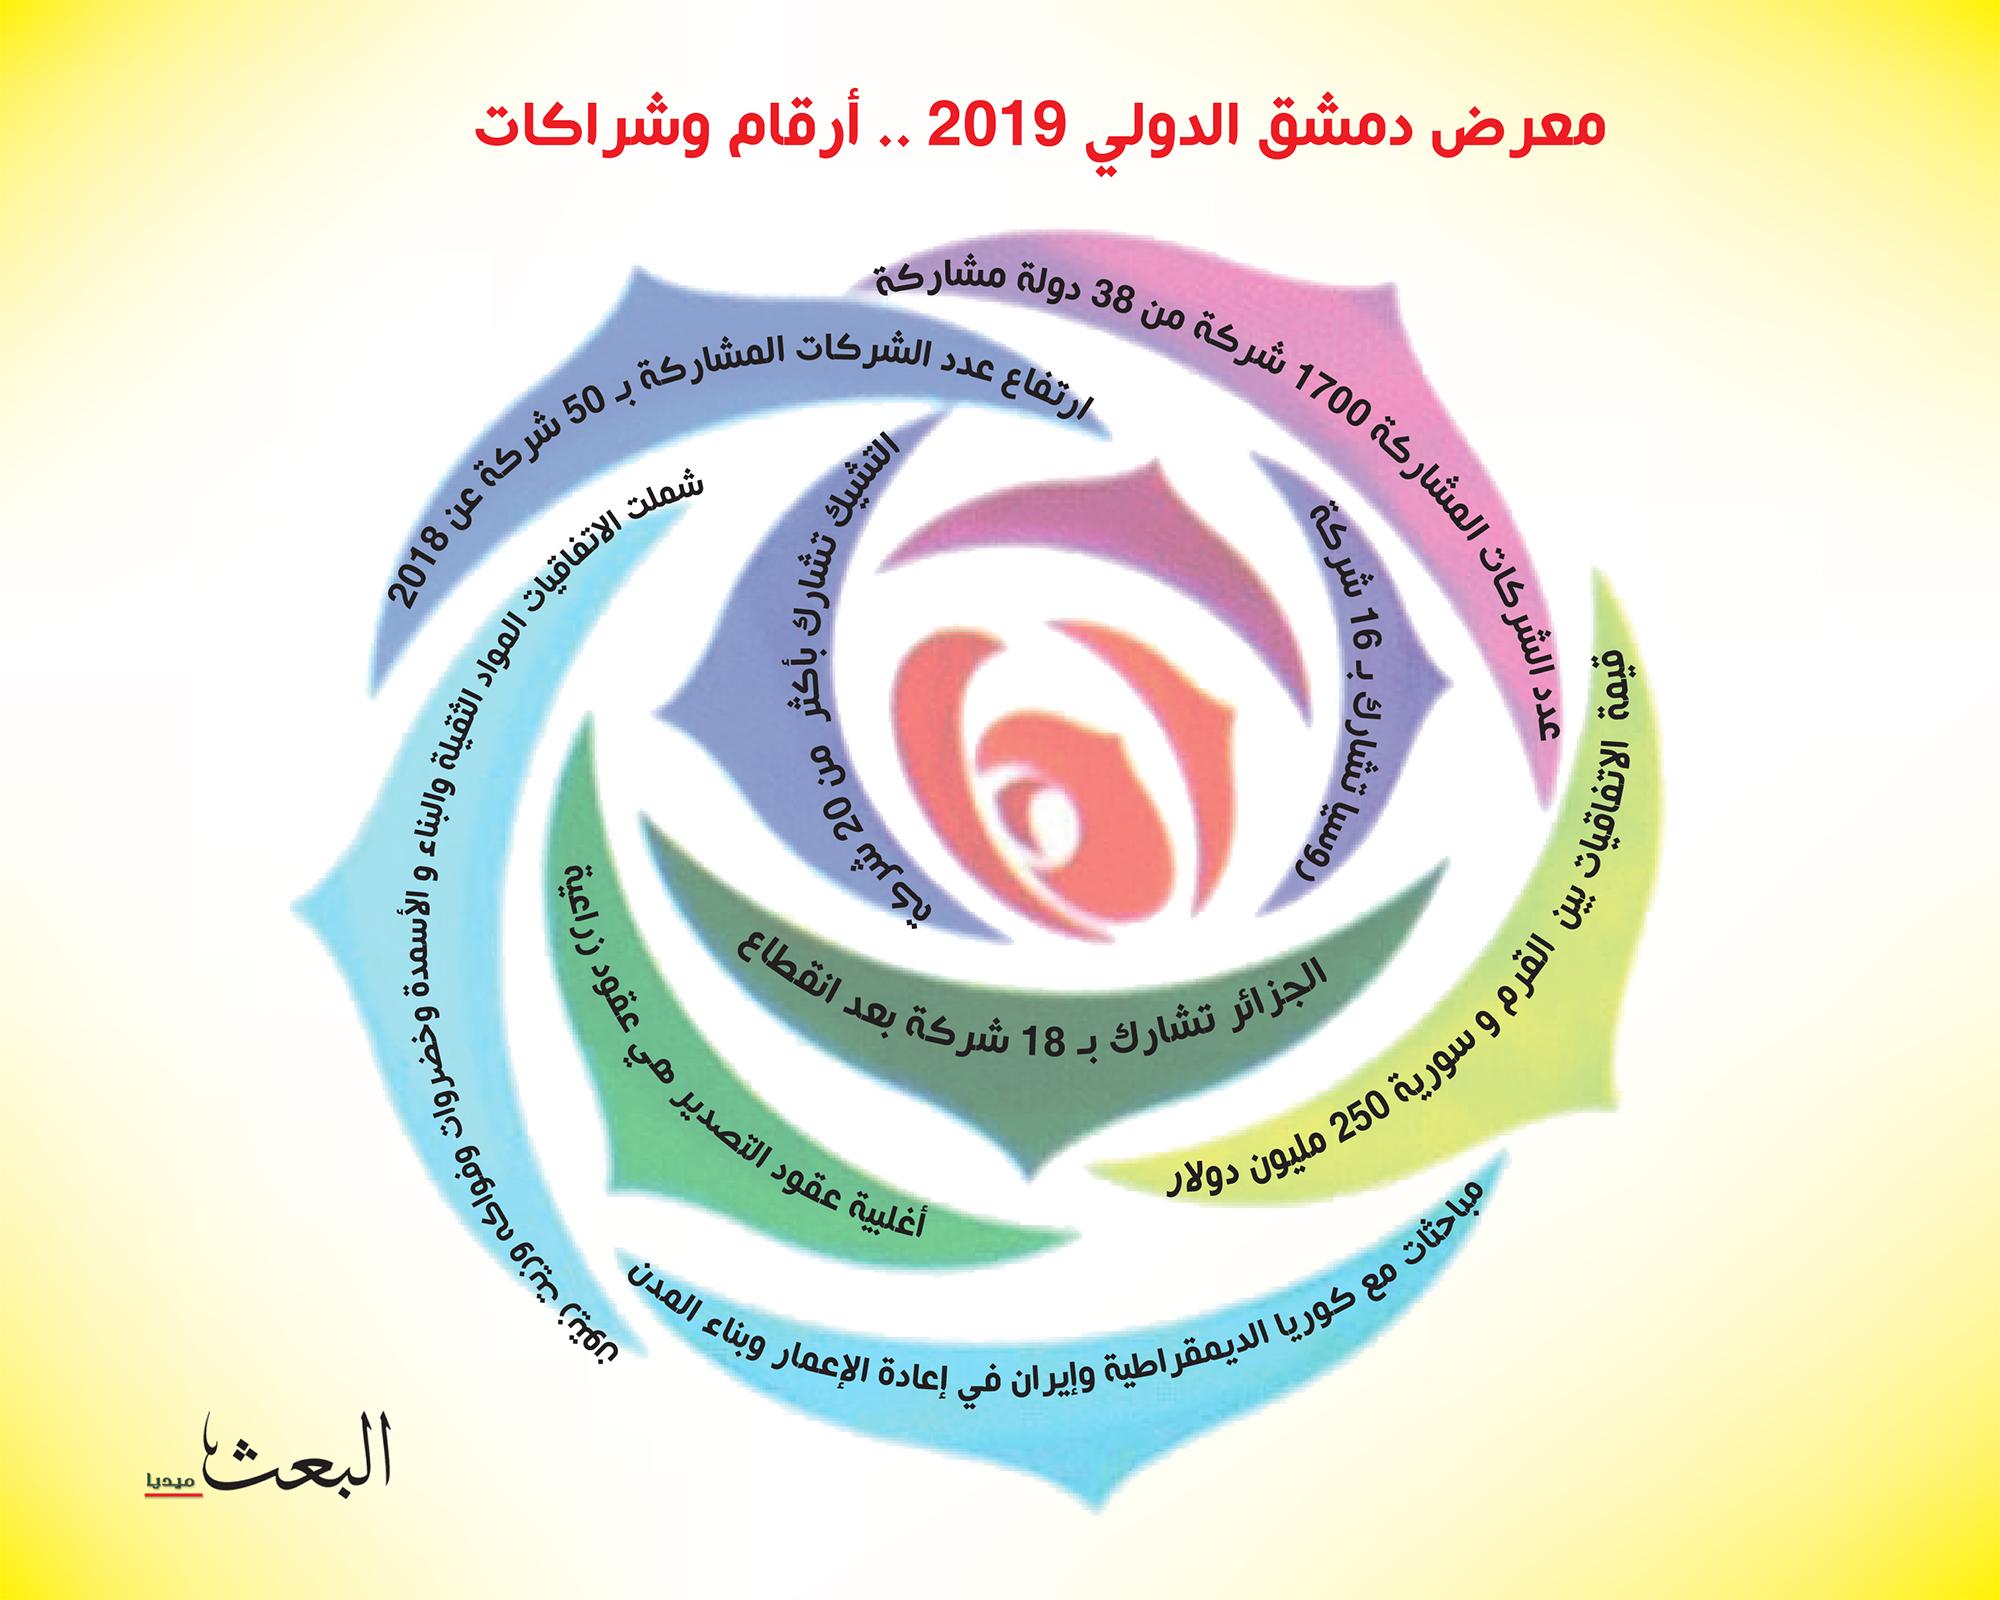 معرض دمشق الدولي 2019… أرقام وشراكات